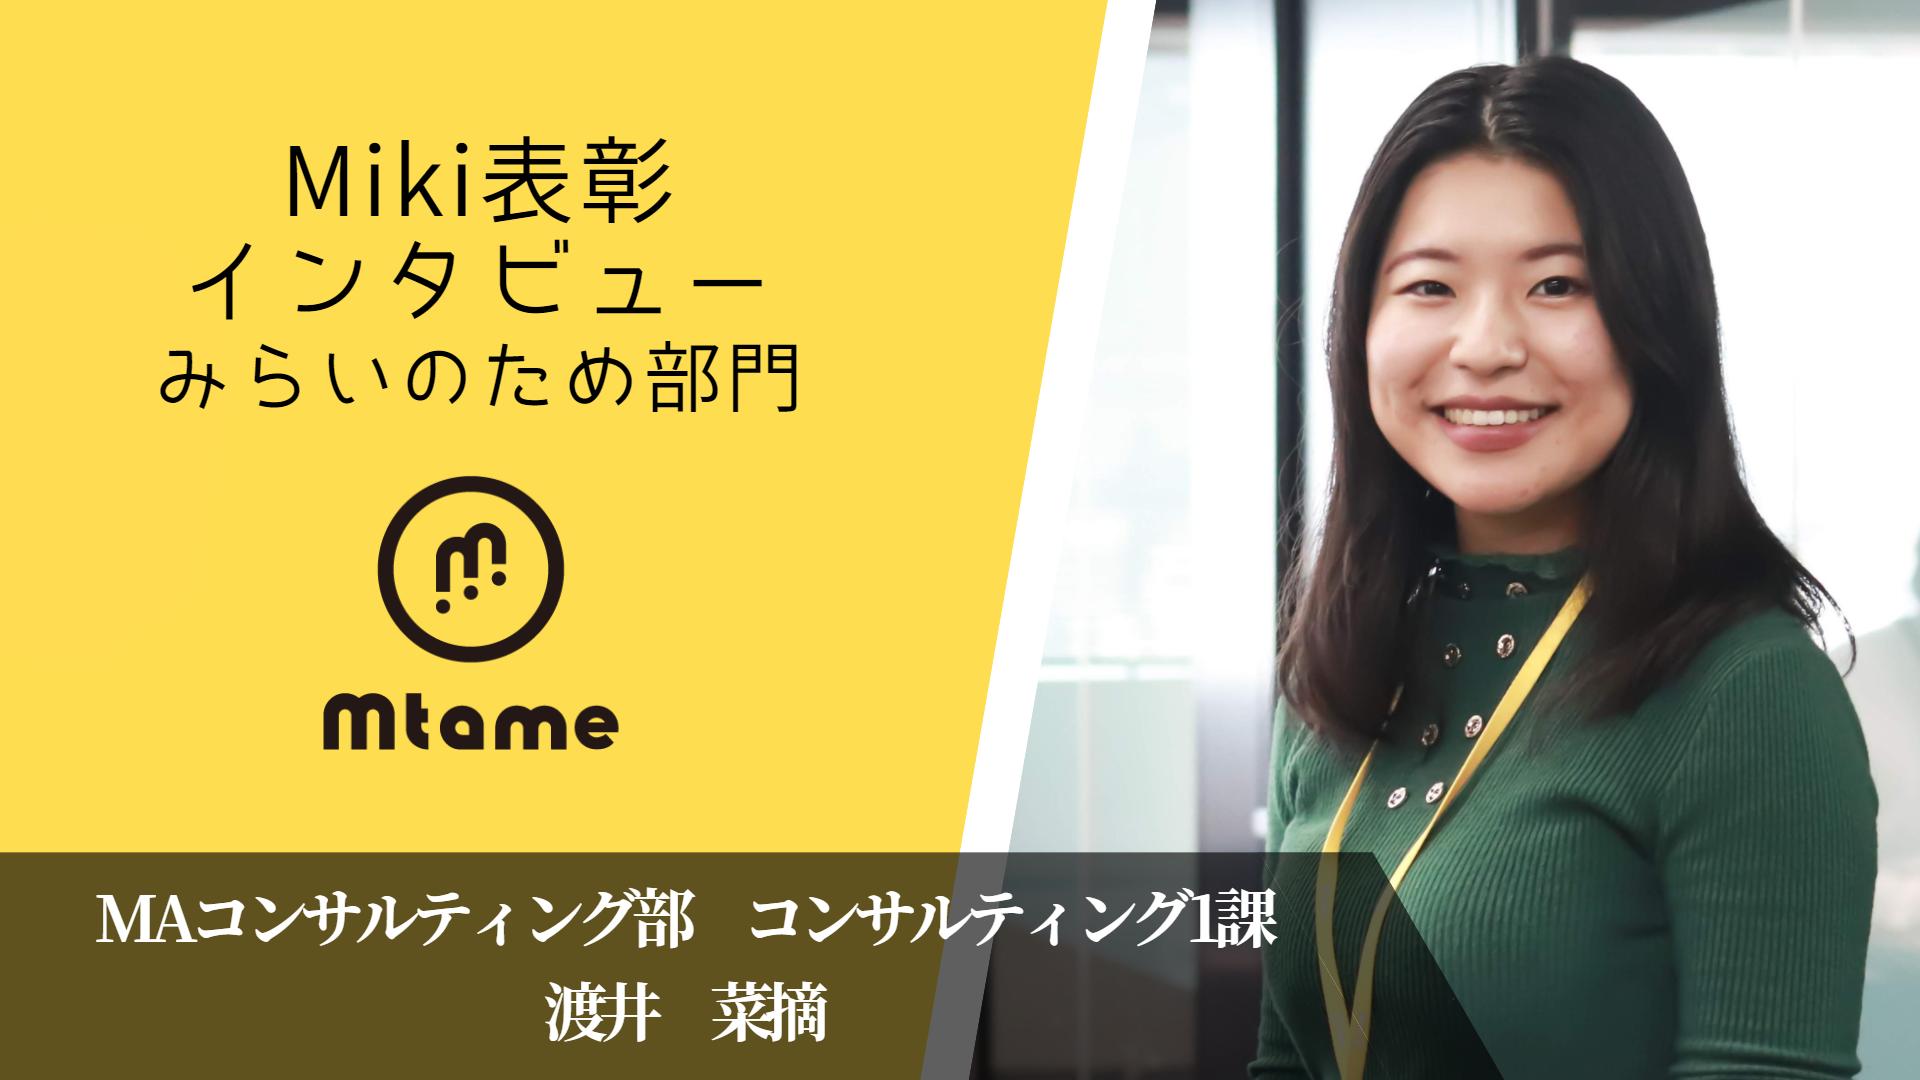 【社員インタビュー公開!】「挑戦こそが、自らの成長機会」 渡井菜摘